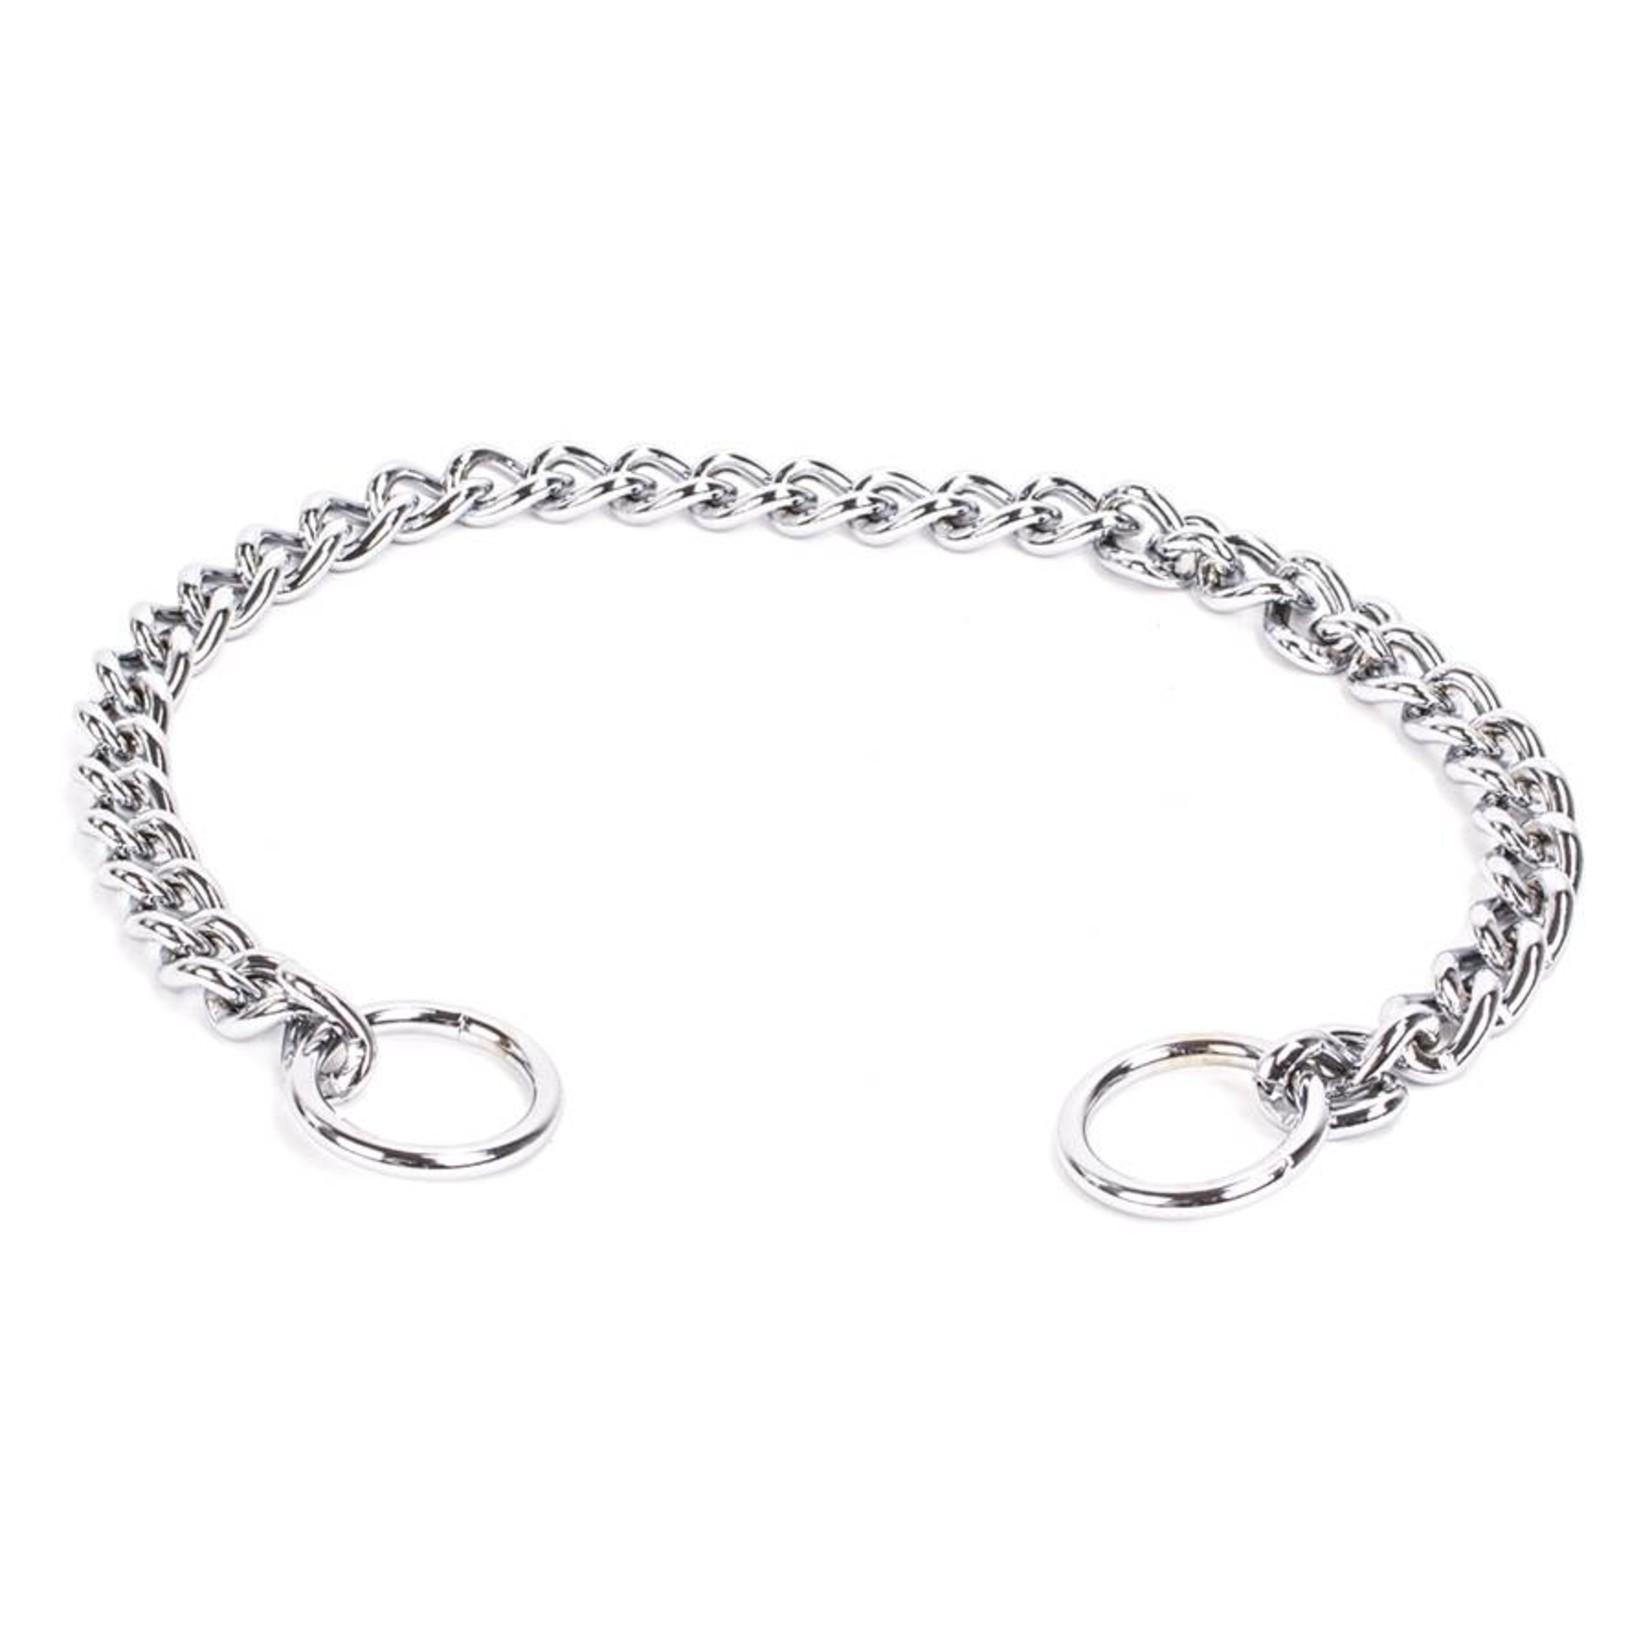 KIOTOS Chain - Medium